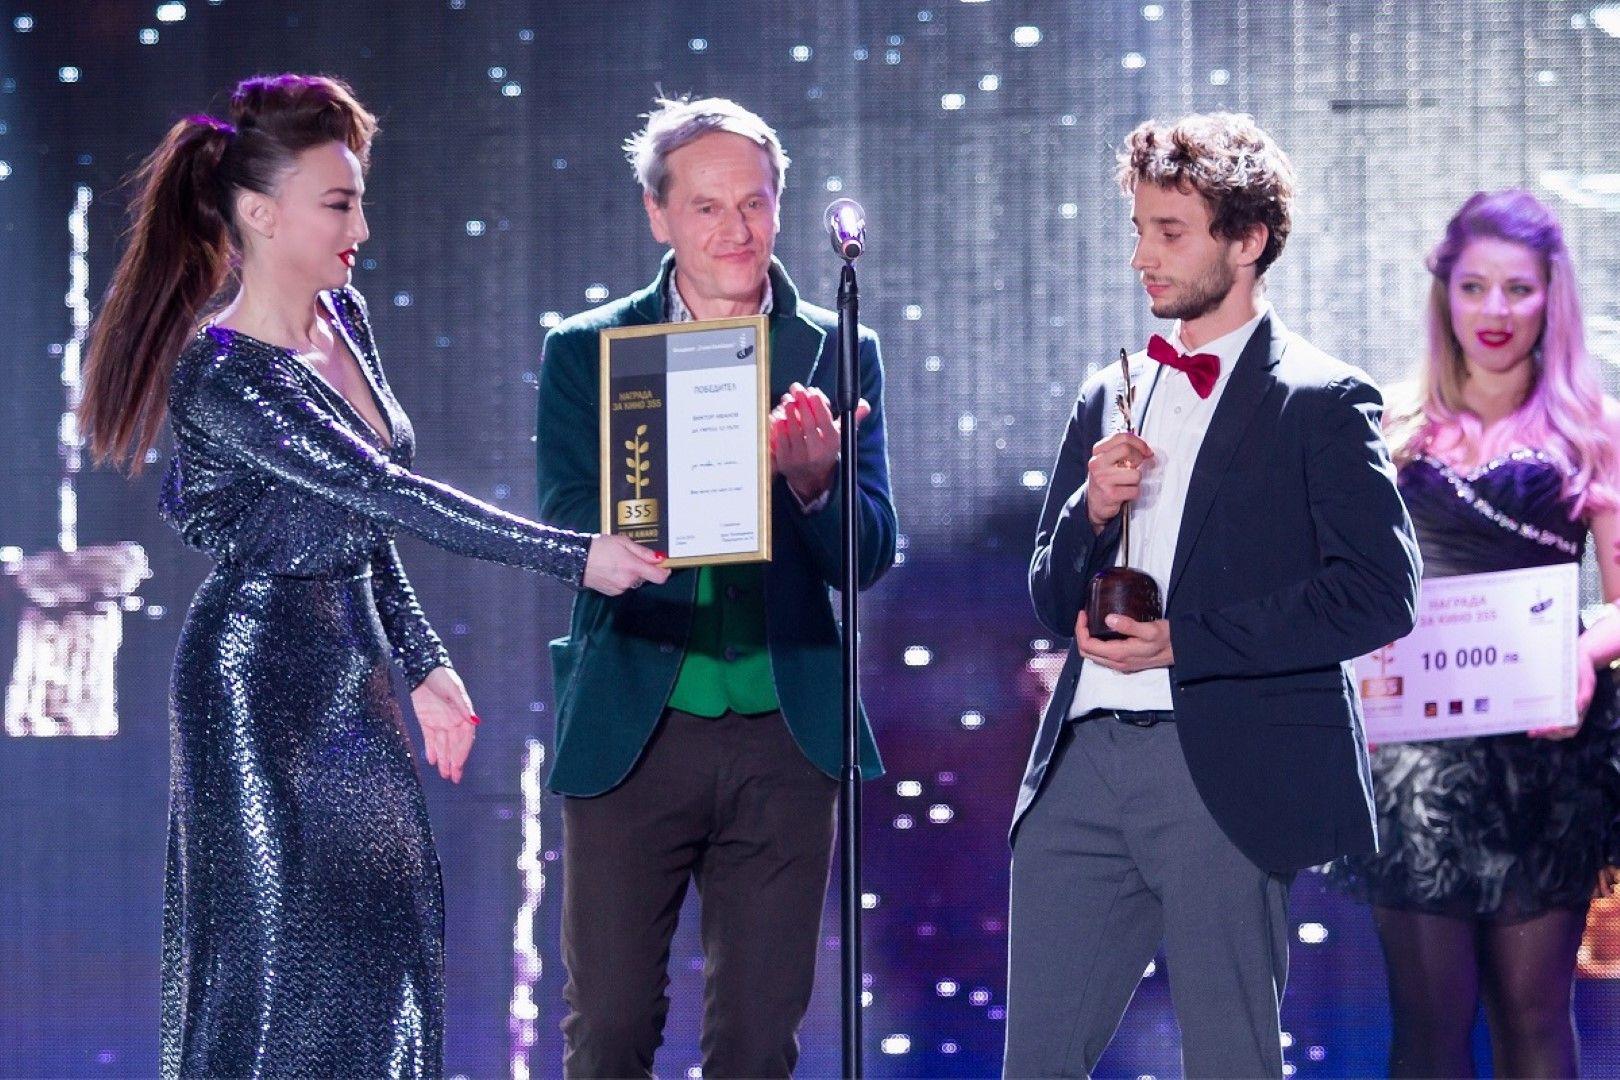 Младият кинорежисьор Виктор Иванов получава Наградата за Кино 355 от Председателя на Фондацията Деси Тенекеджиева и продуцента Иван Тонев